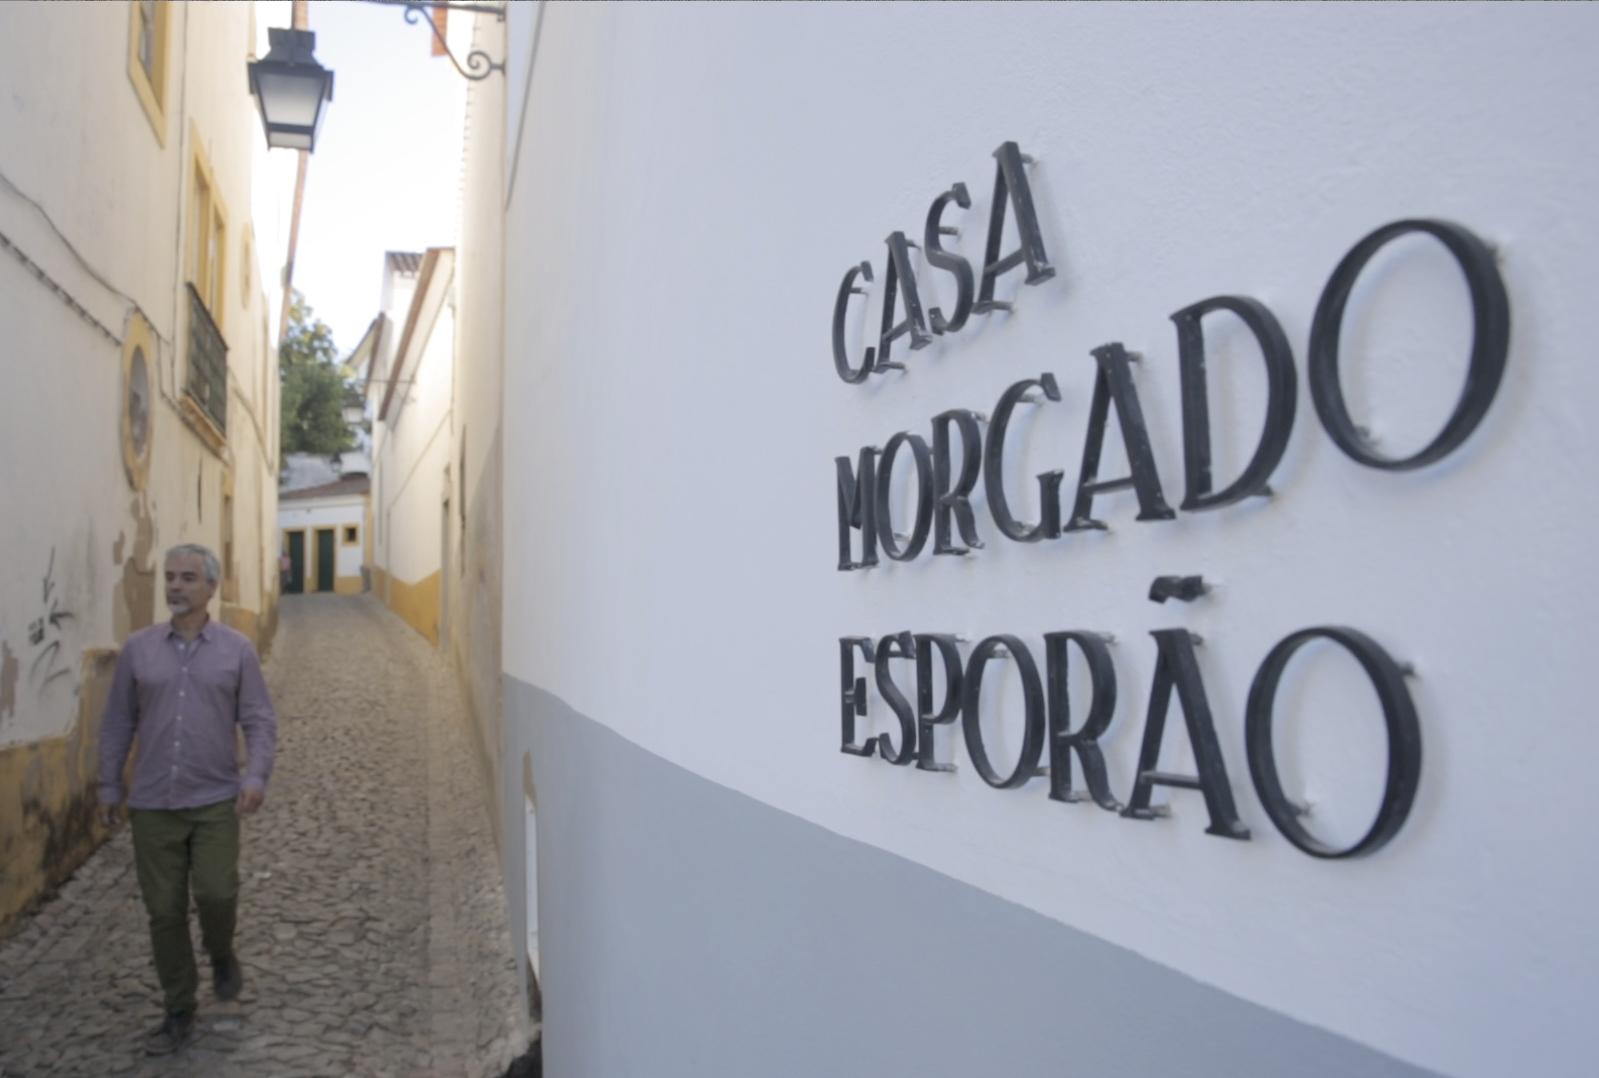 Casa Morgado still 3 by 4.jpg